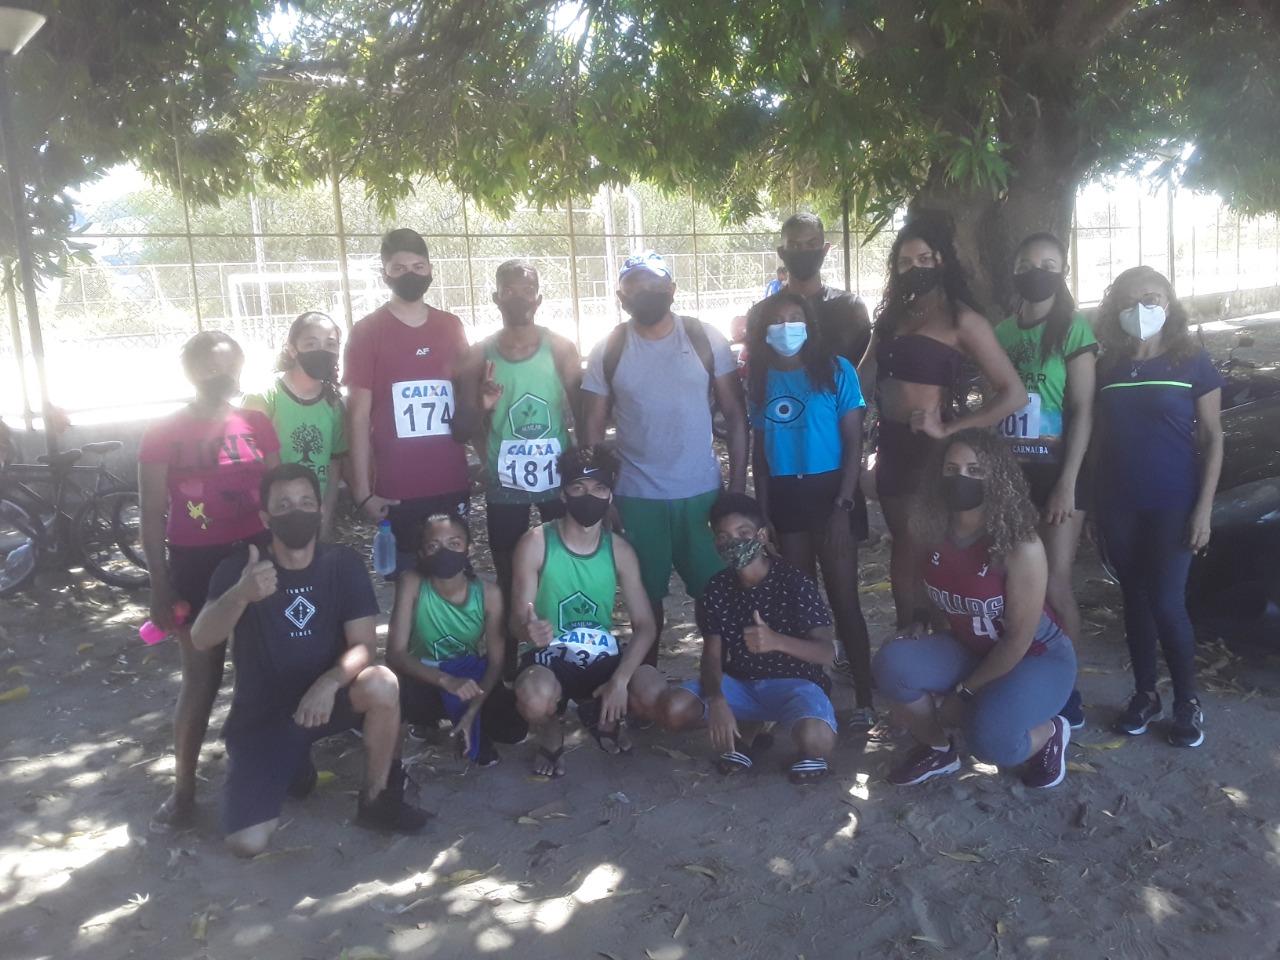 Projeto Semear conquista 22 medalhas em campeonatos de atletismo